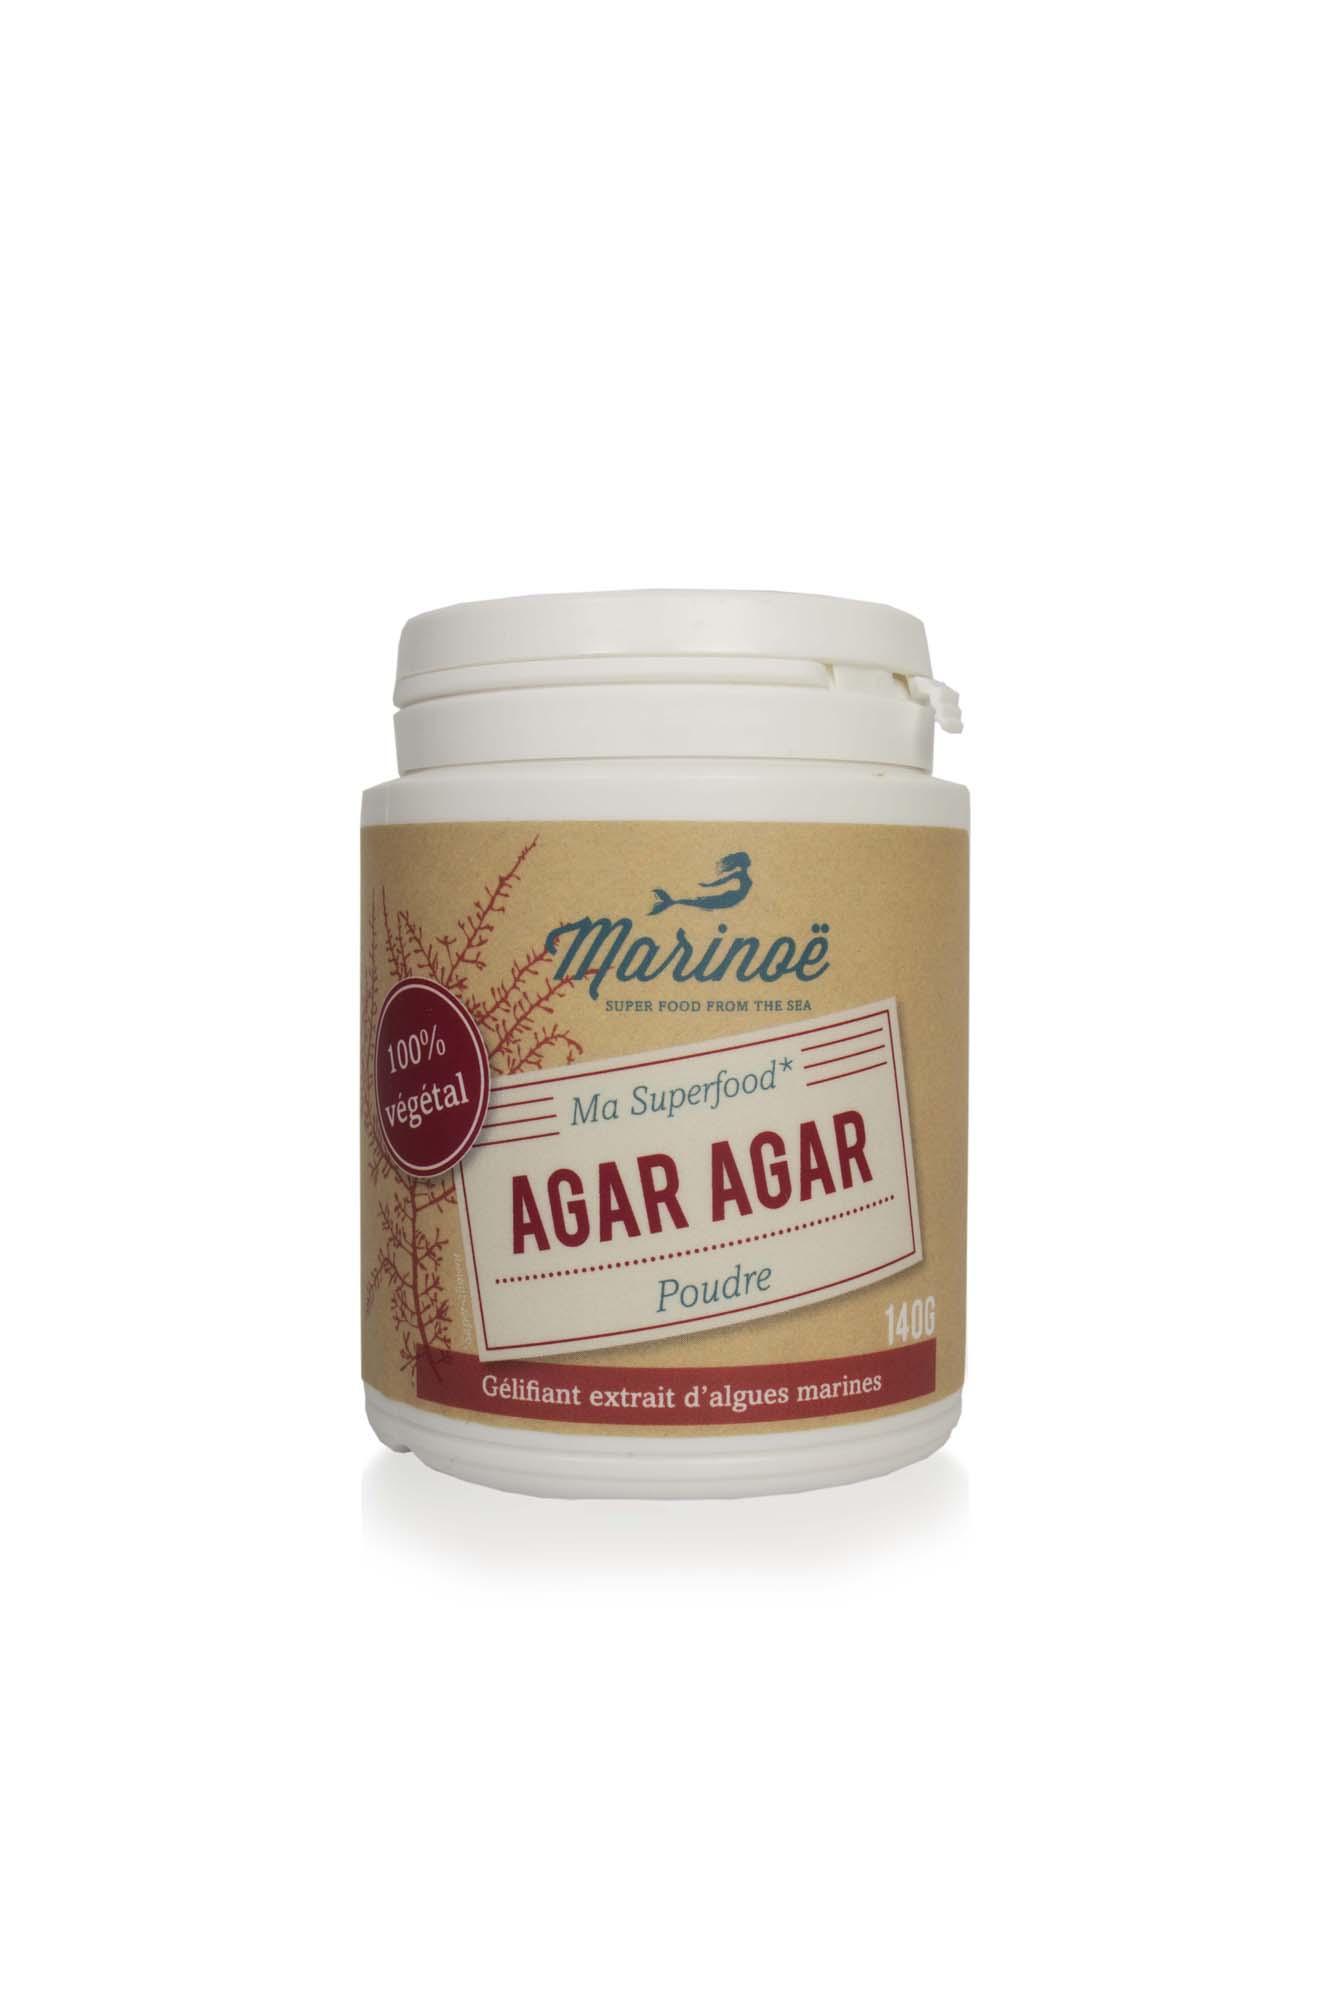 agar agar is obtained from